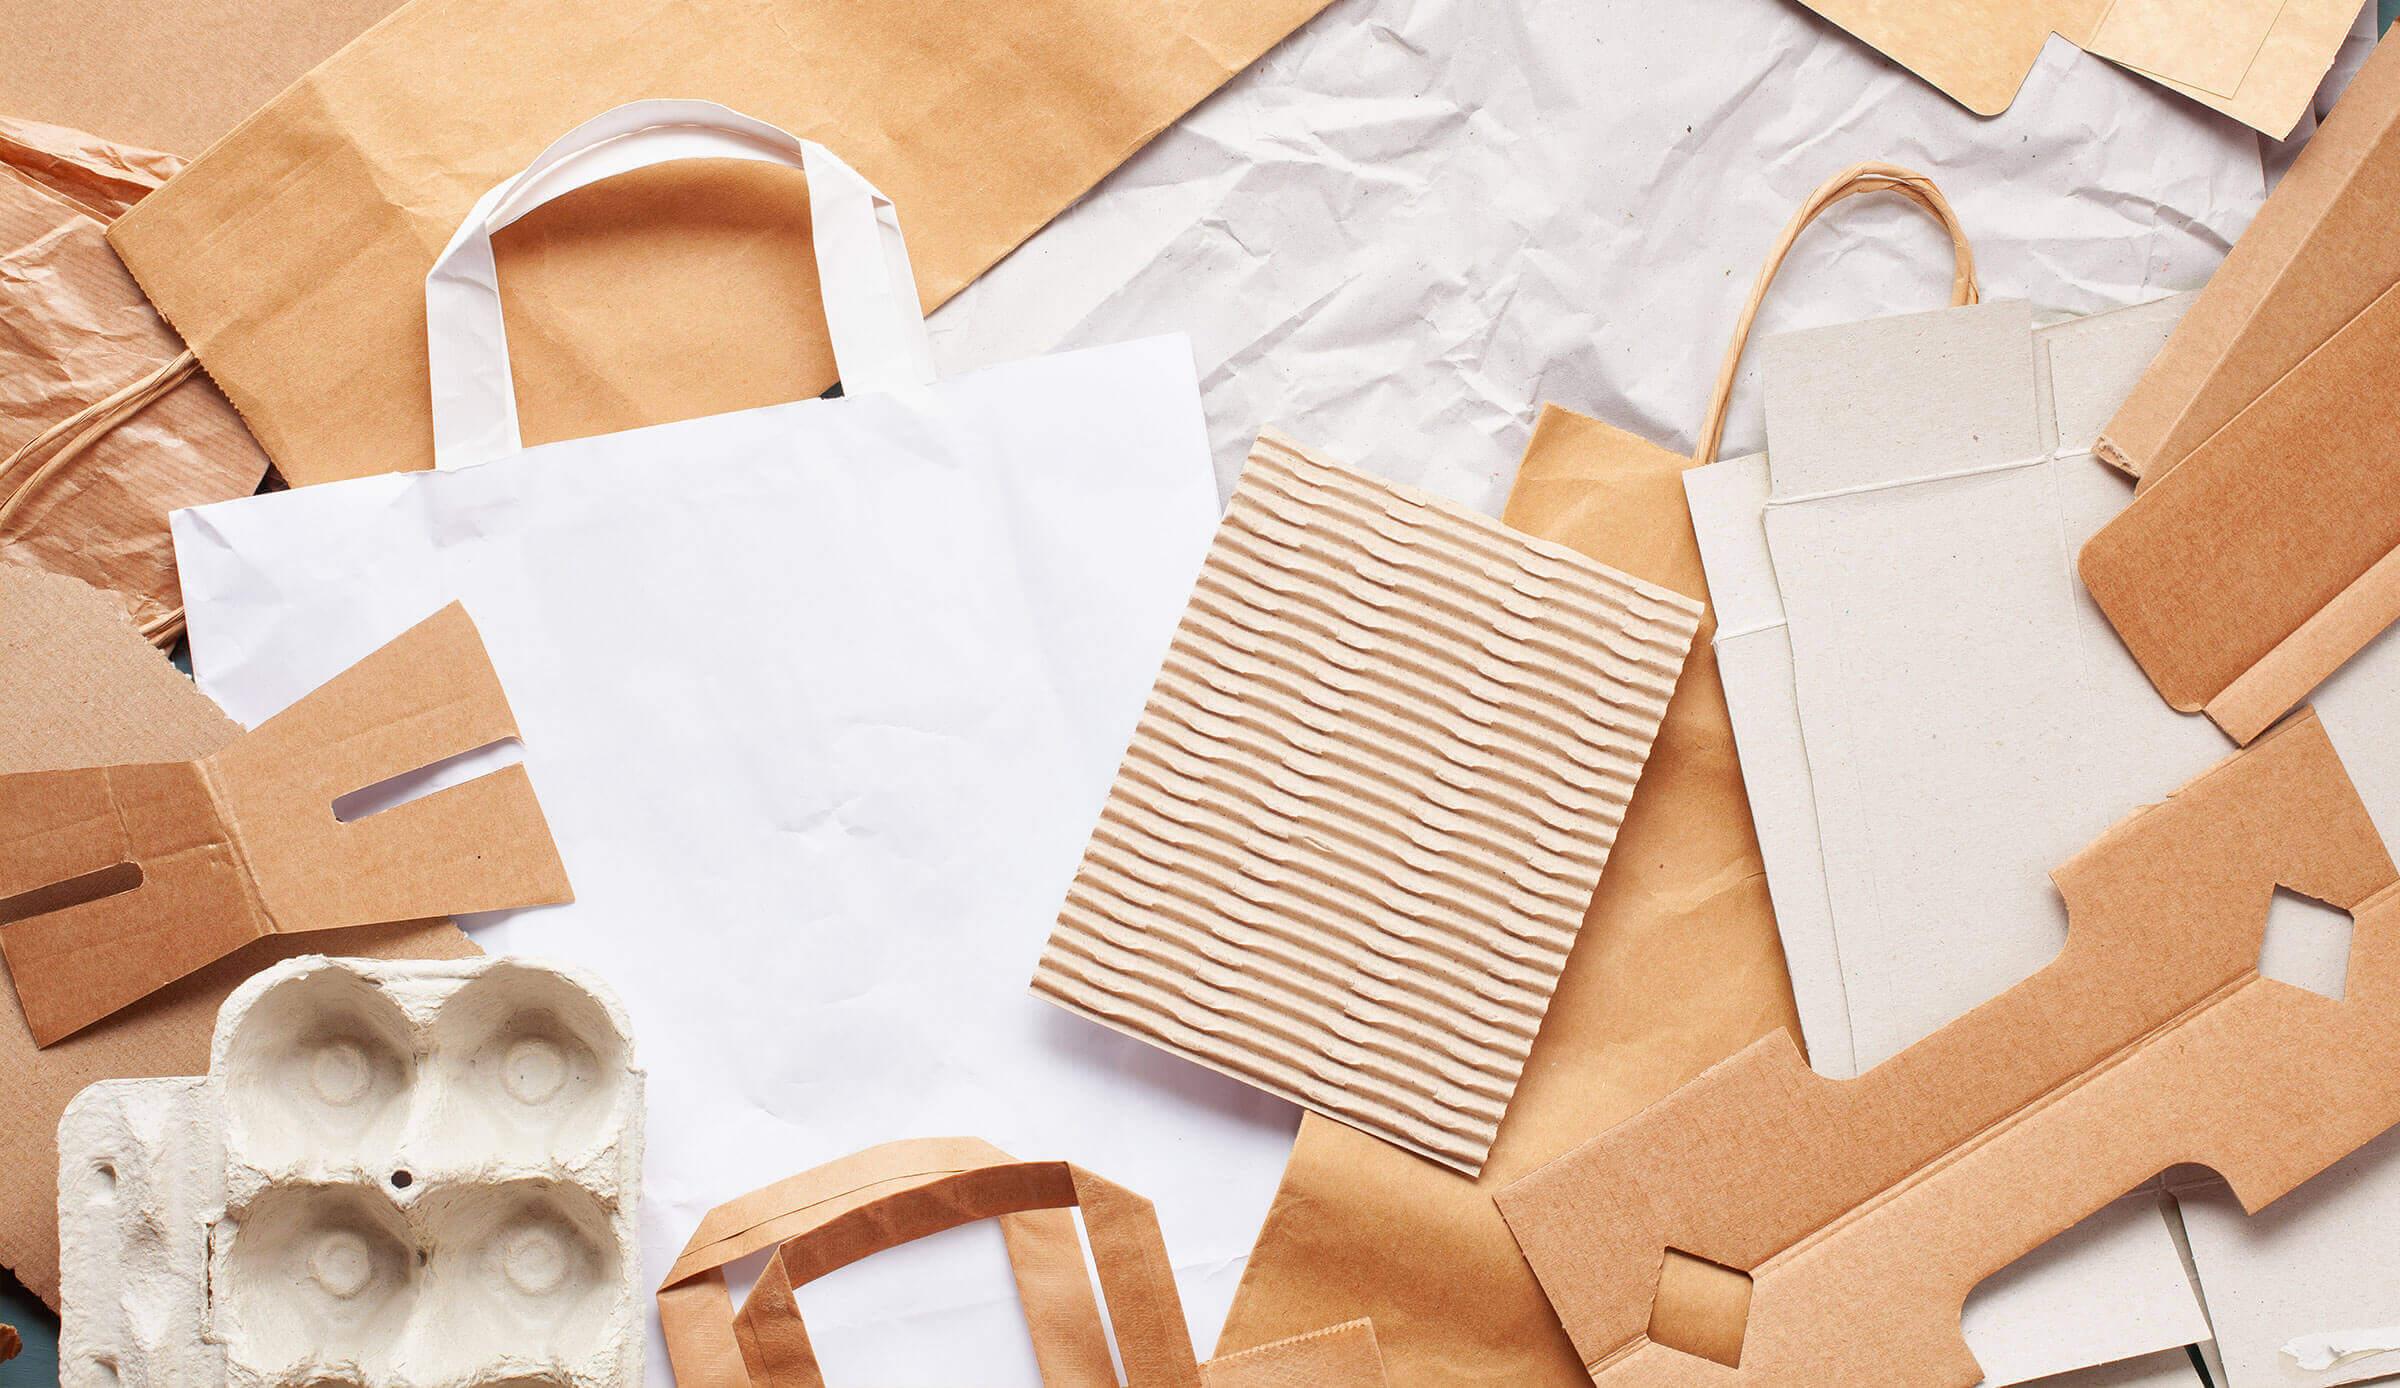 projektowanie z papieru do recyclingu